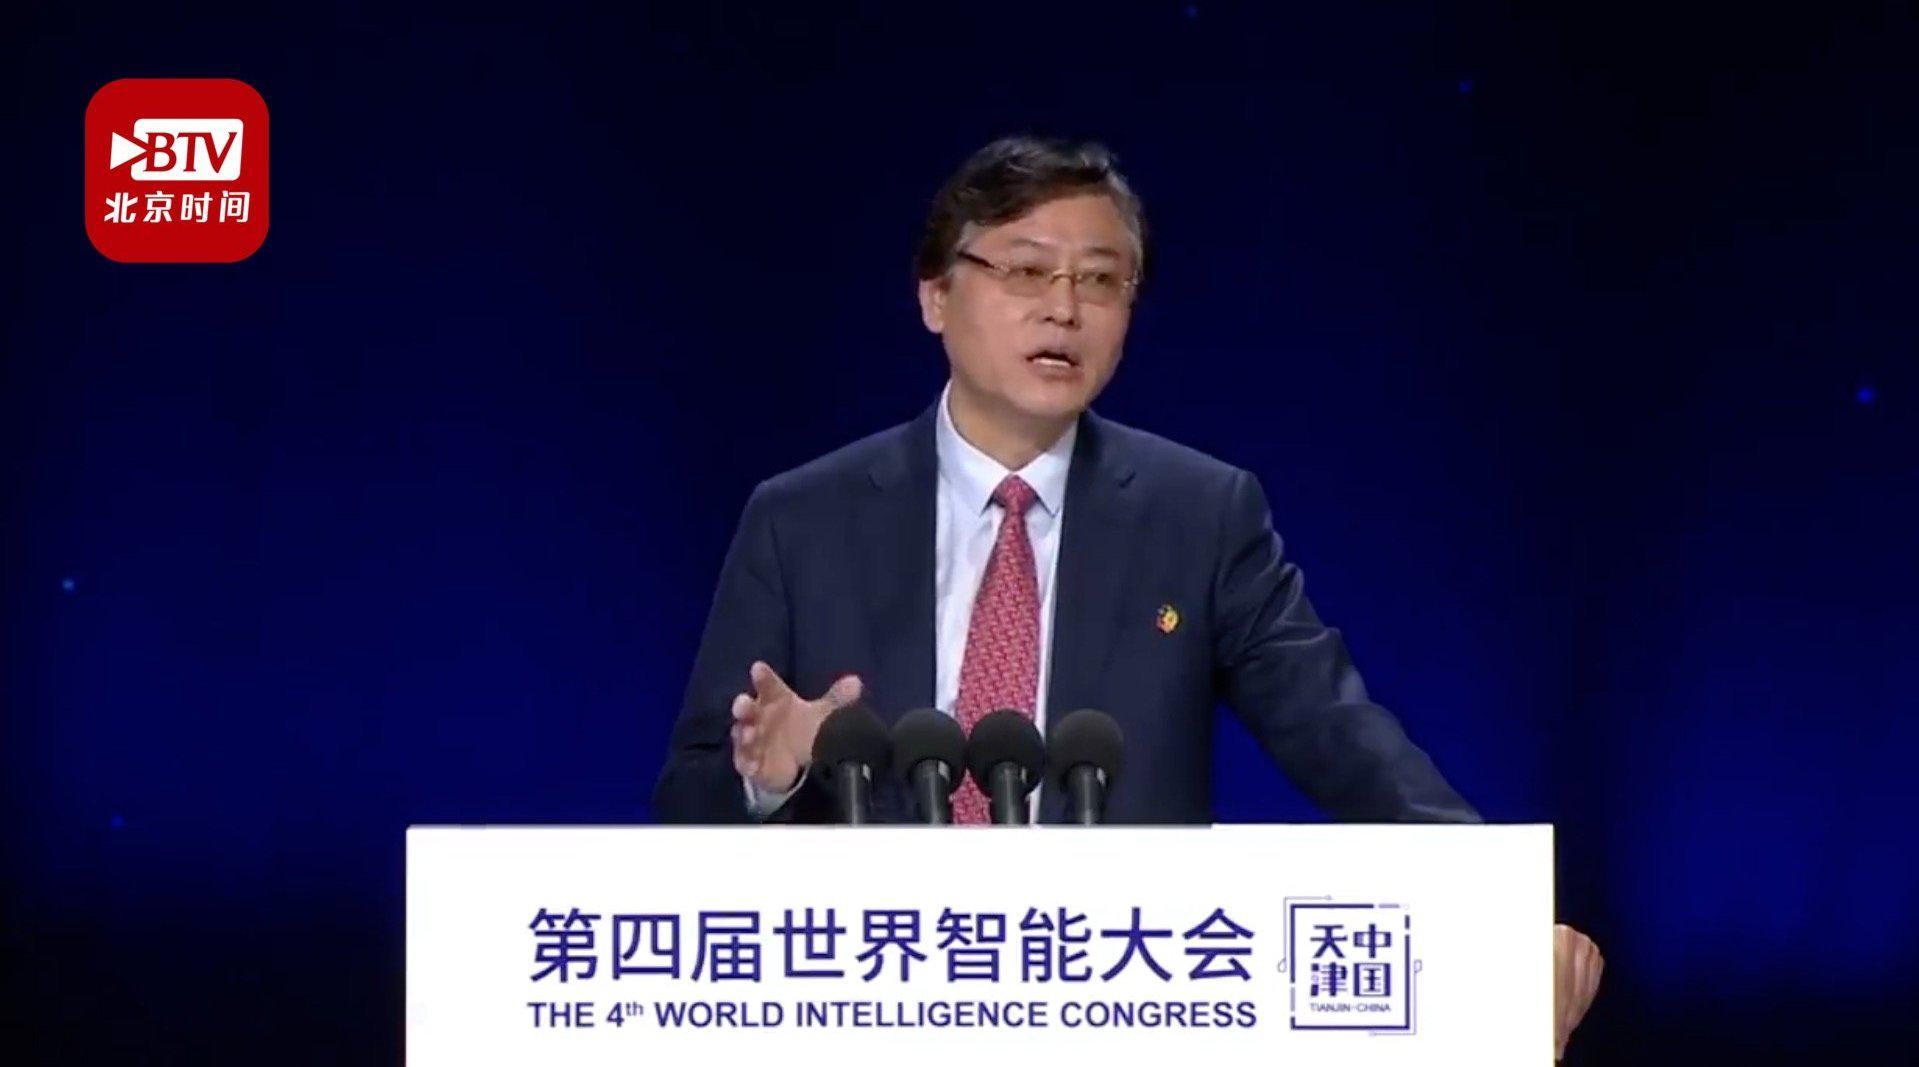 杨元庆:现在全球每8台电脑就有一台产自合肥